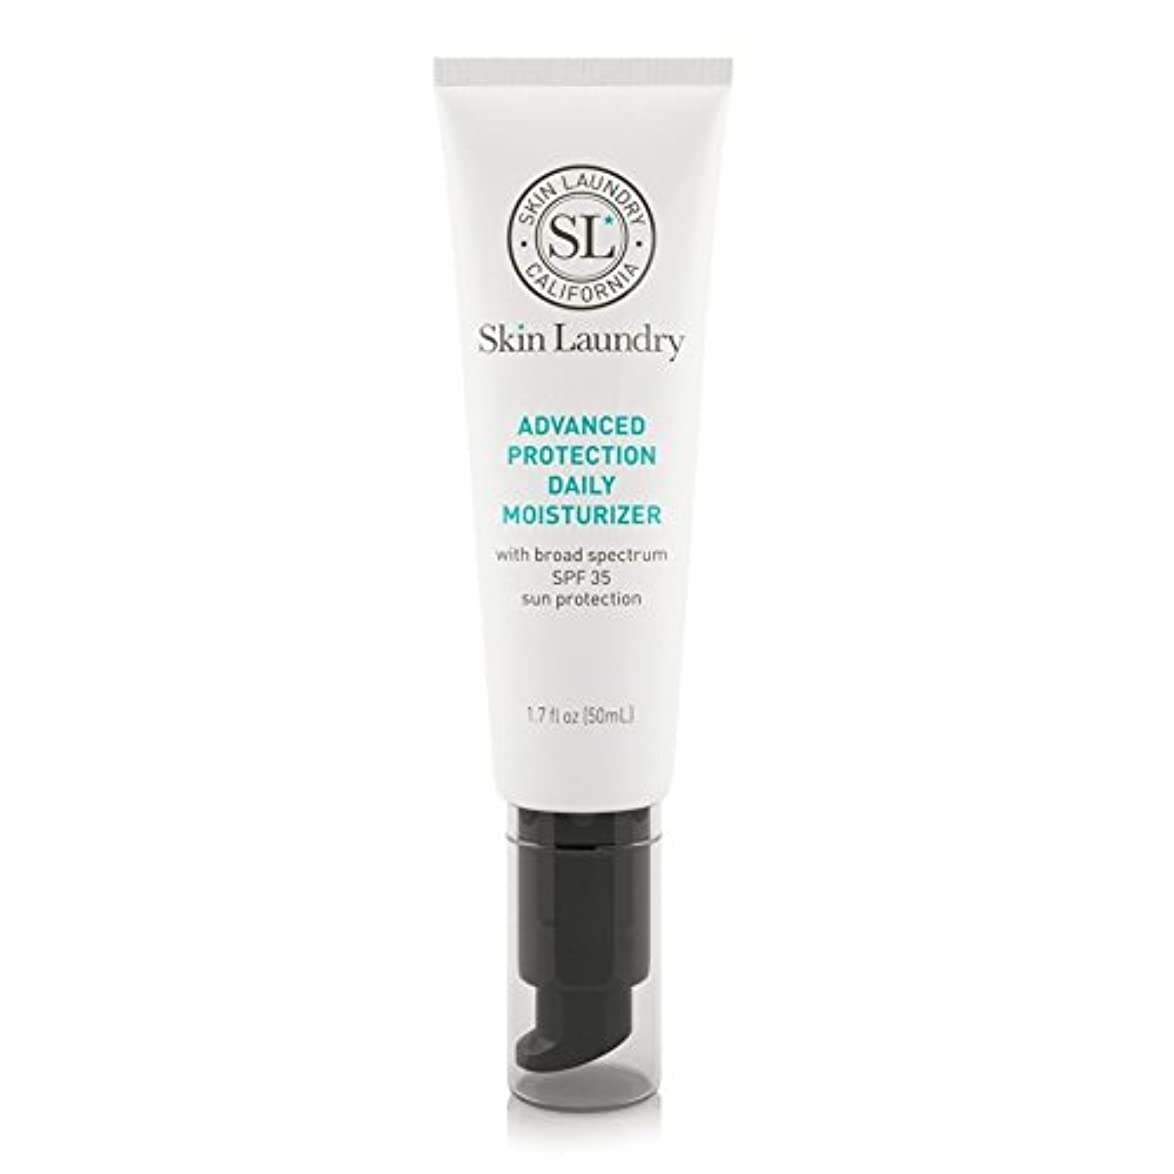 ジャベスウィルソン置くためにパックヒューバートハドソン皮膚の洗濯高度な保護毎日保湿50ミリリットル x4 - Skin Laundry Advanced Protection Daily Moisturiser 50ml (Pack of 4) [並行輸入品]